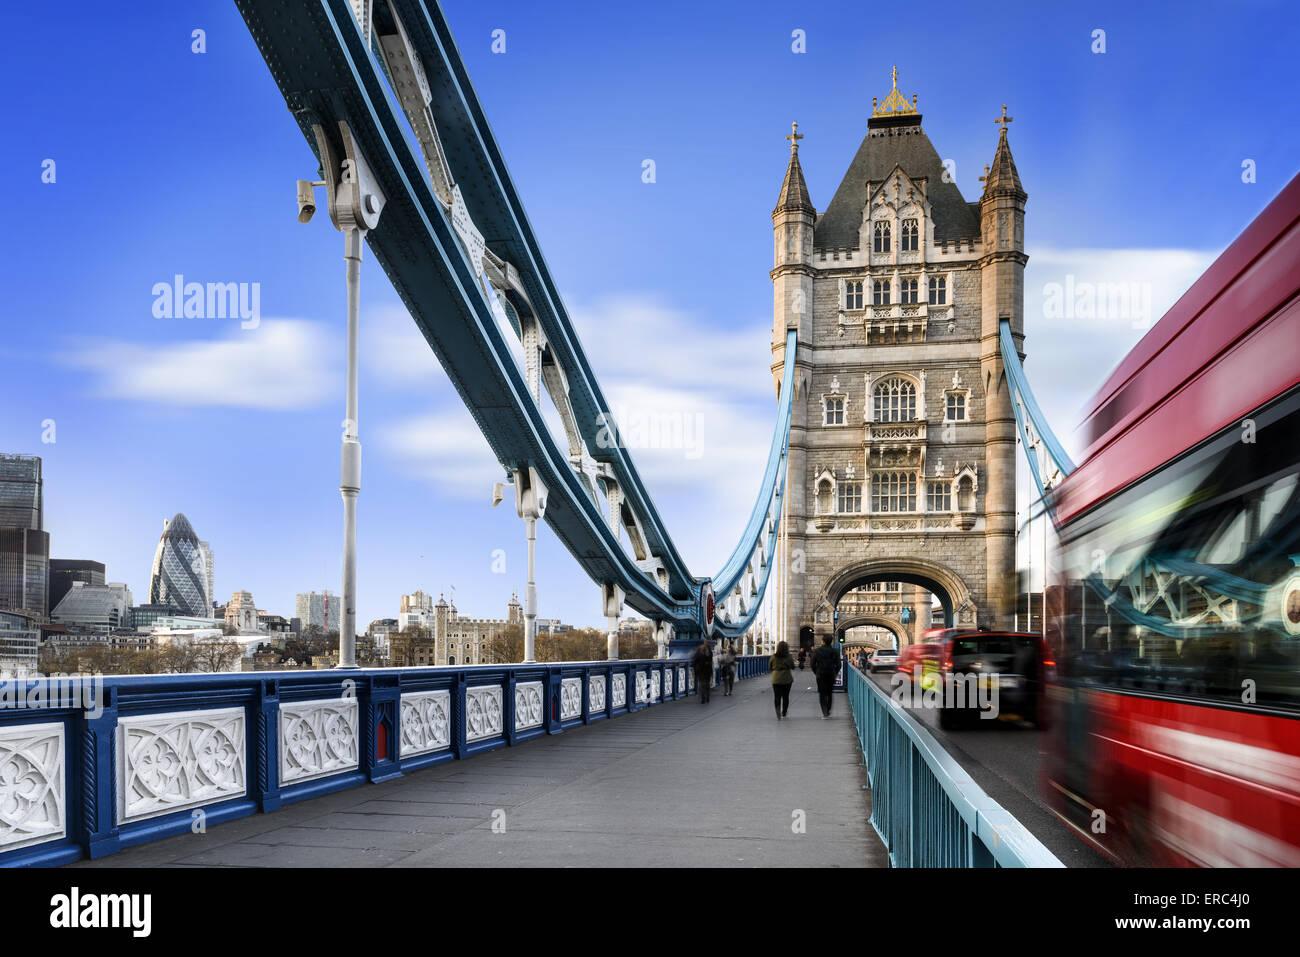 Famoso Puente de la torre con el Trafic jame, Londres, Inglaterra Foto de stock